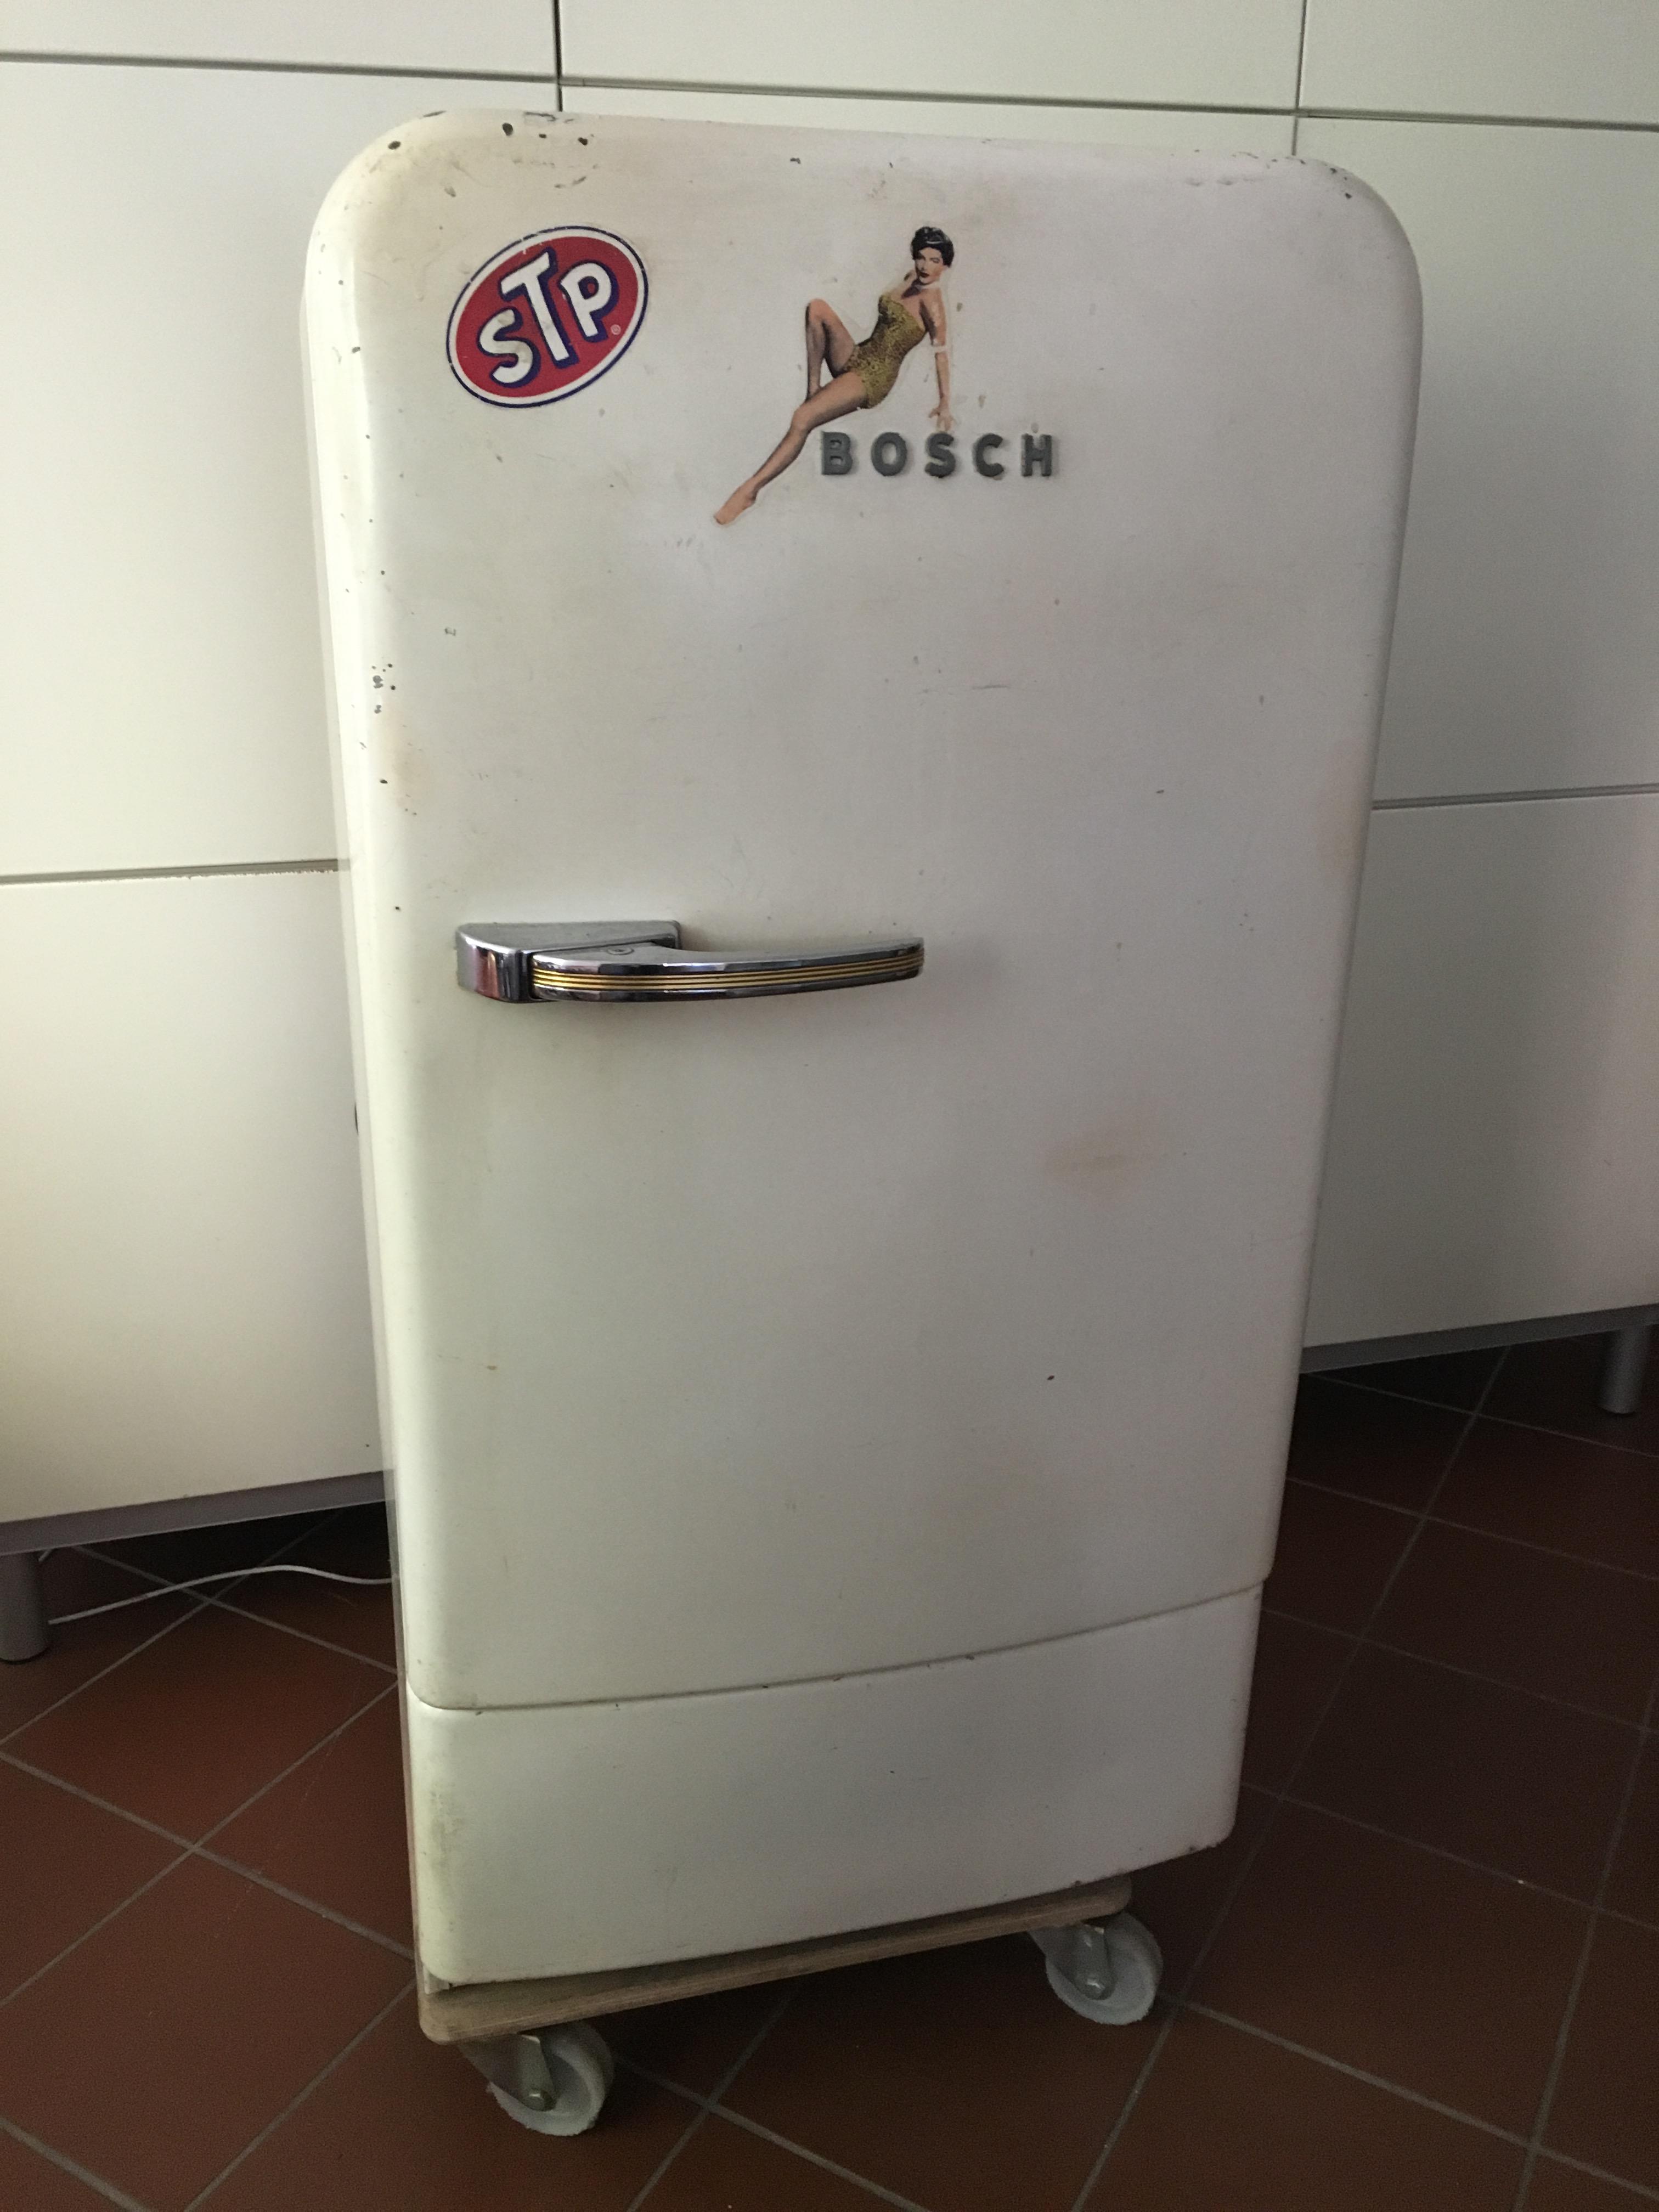 BOSCH Kühlschrank Typ 125 A, original Lack, aus den 50er Jahren ...